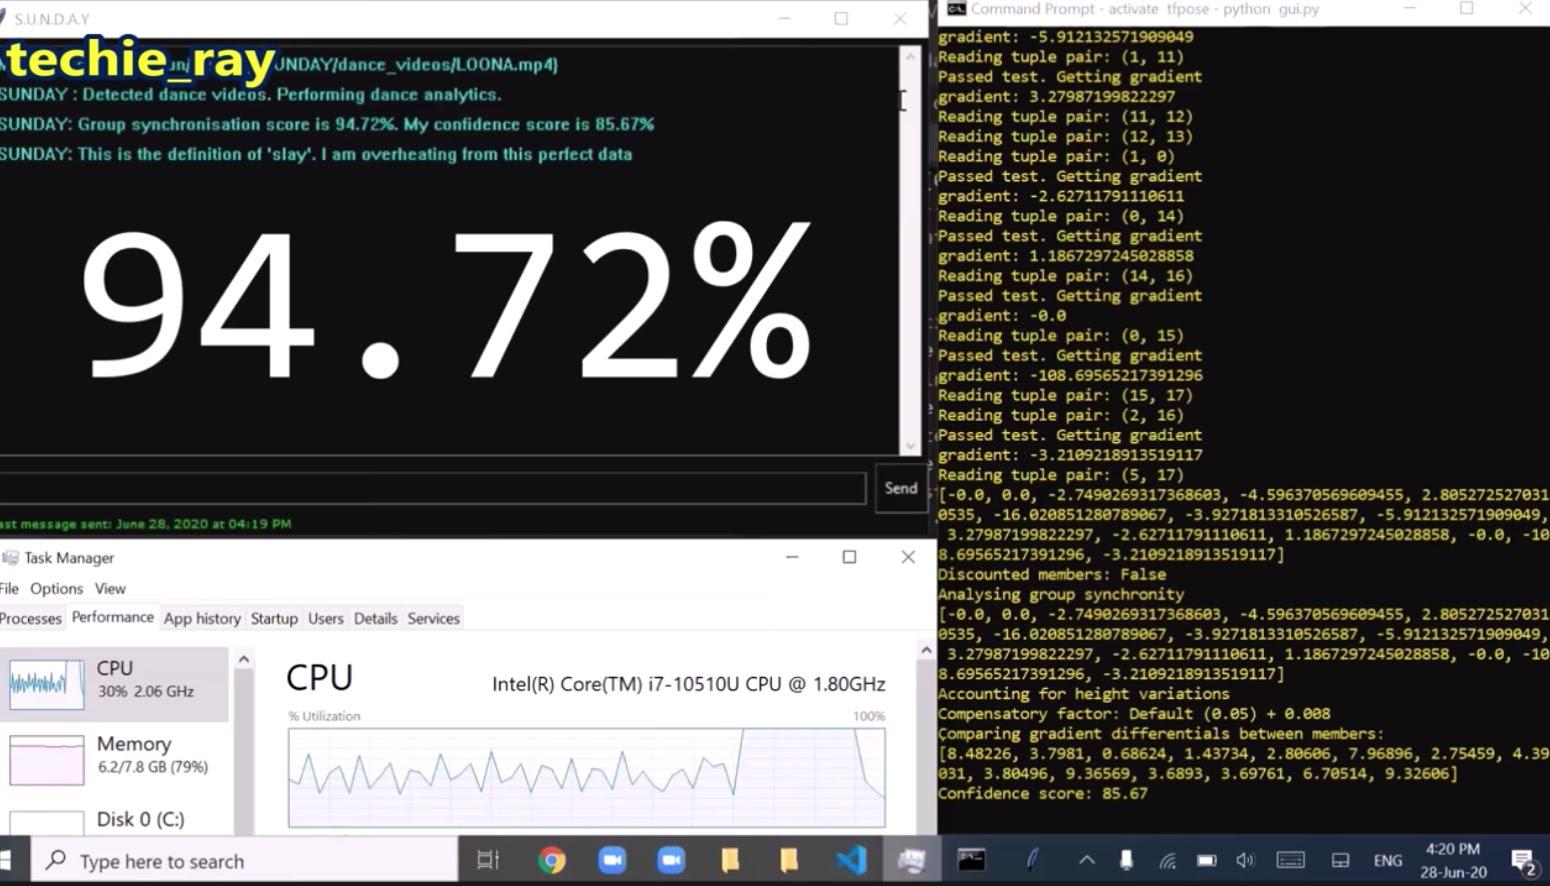 Screen Shot 2020-06-29 at 3.15.33 PM